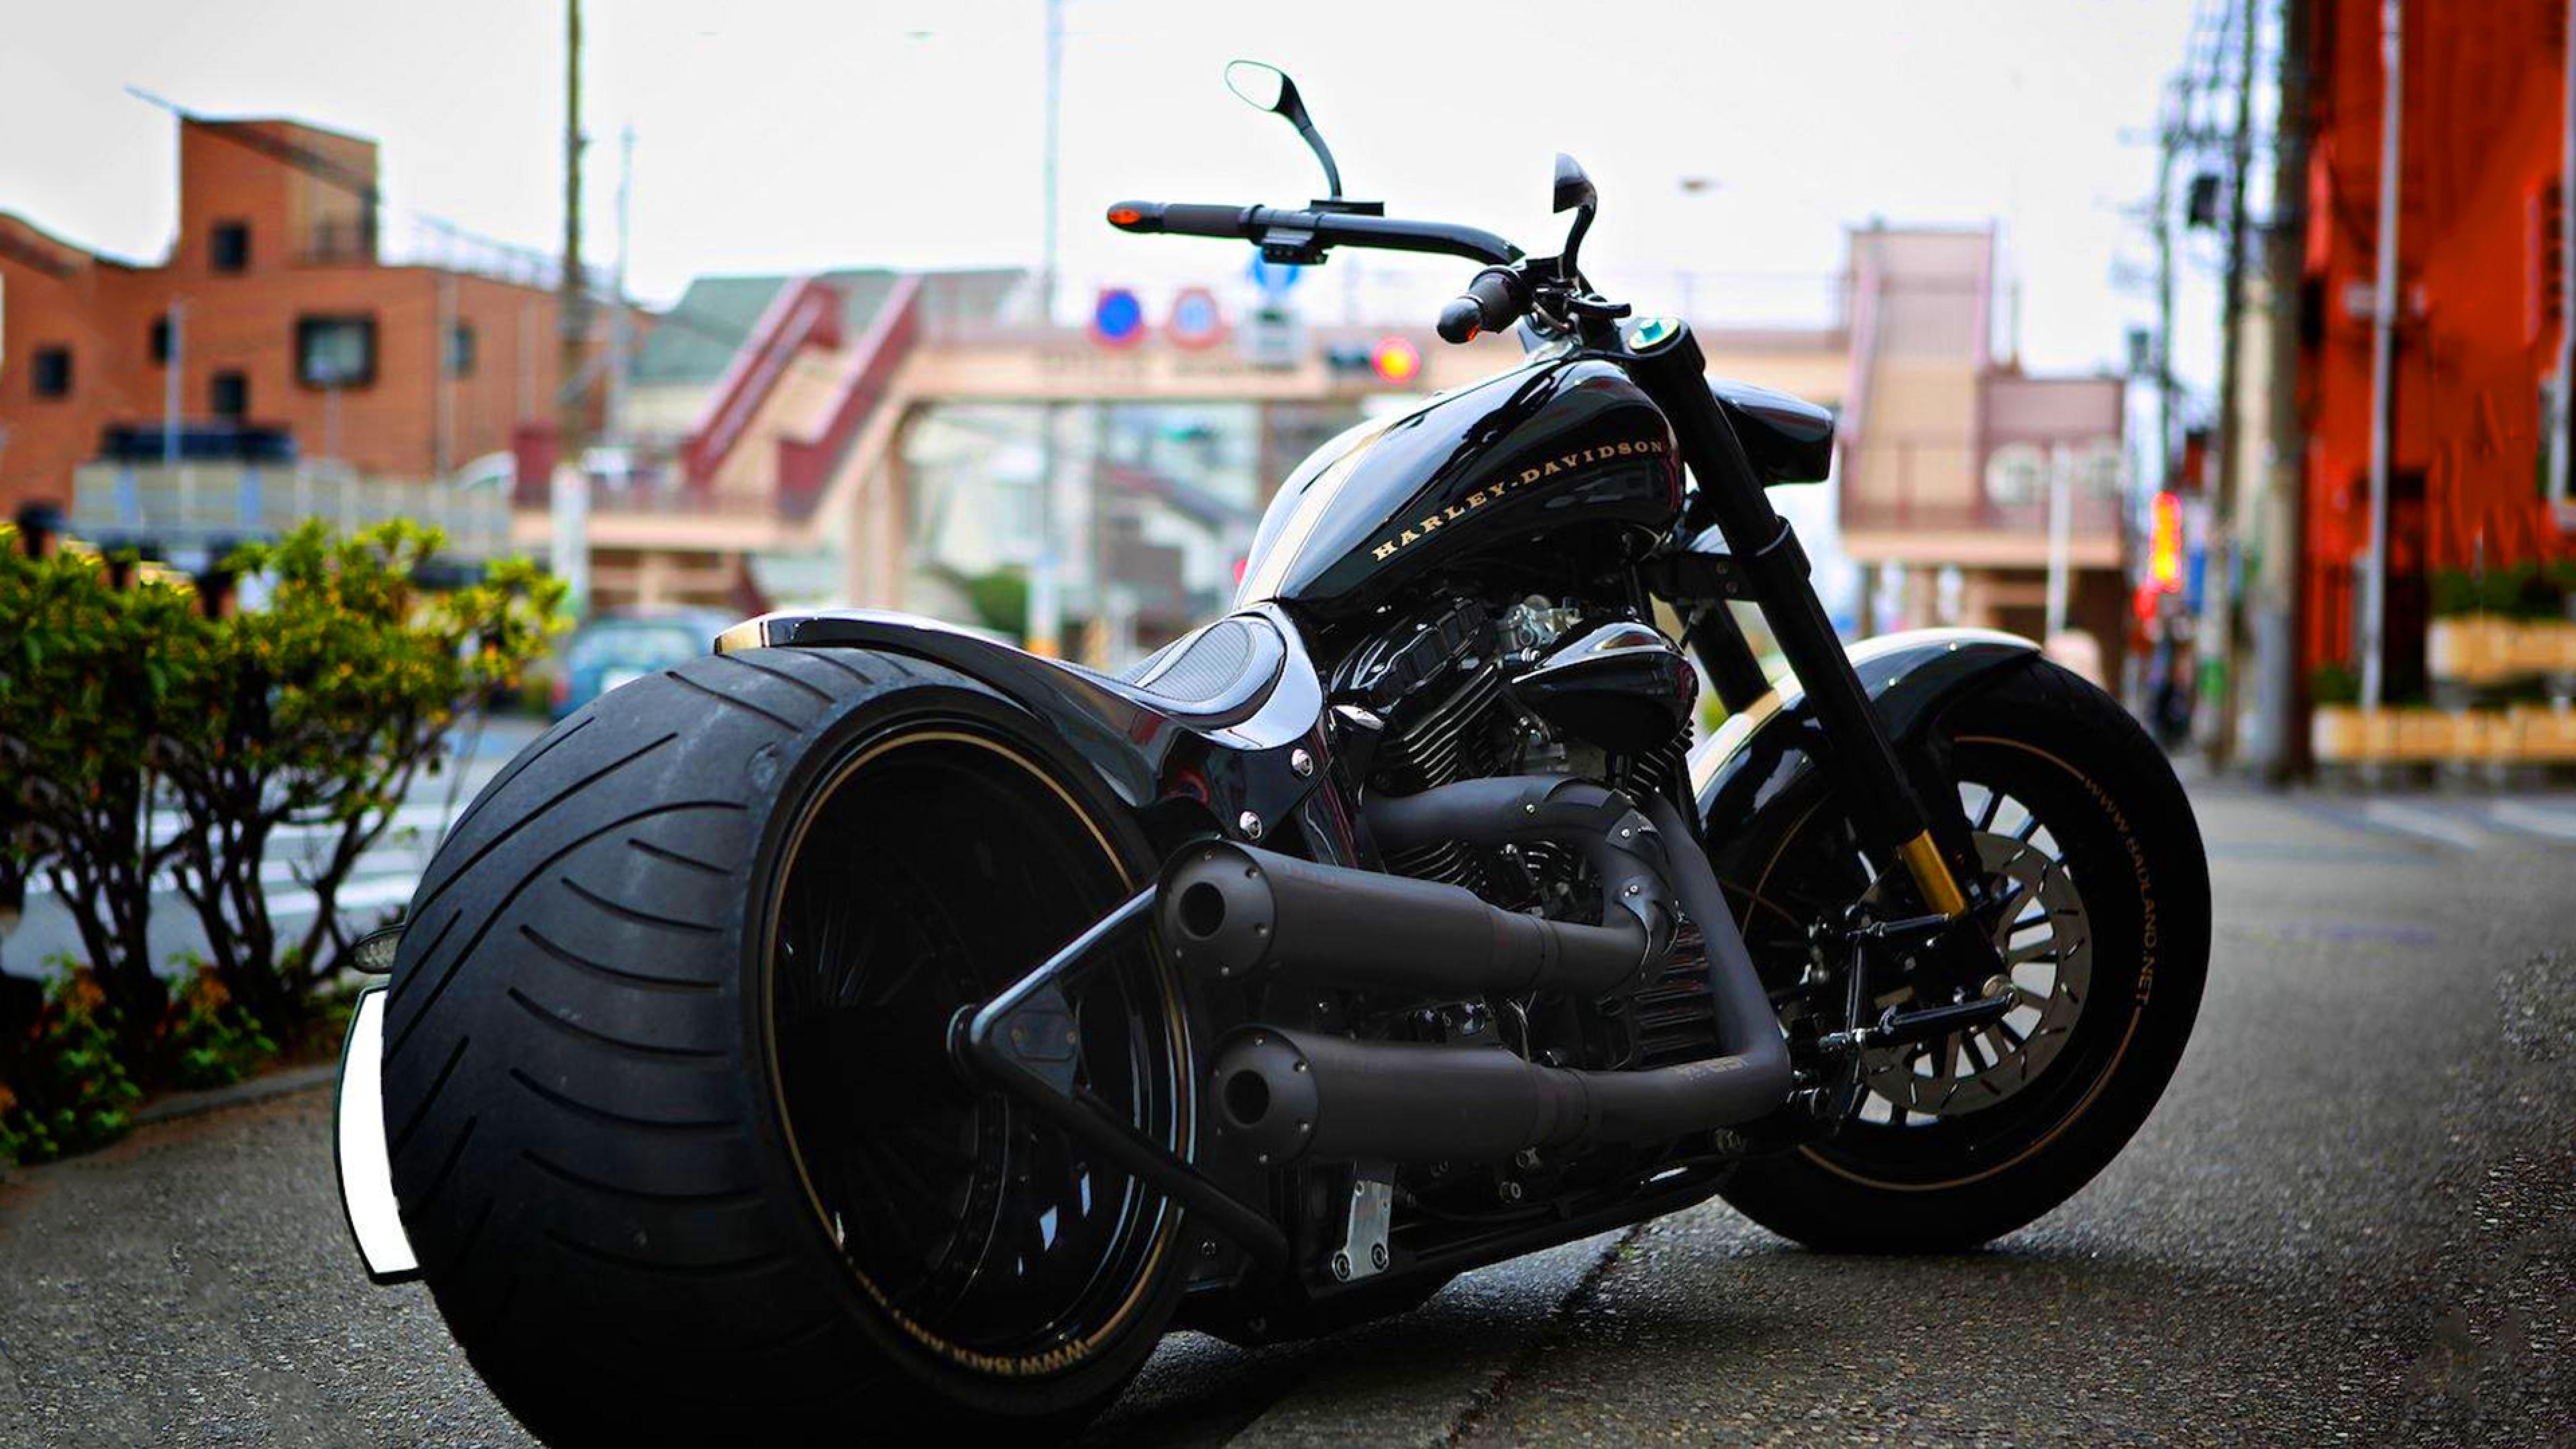 Harley Davidson Vintage Hd Bikes 4k Wallpapers Images